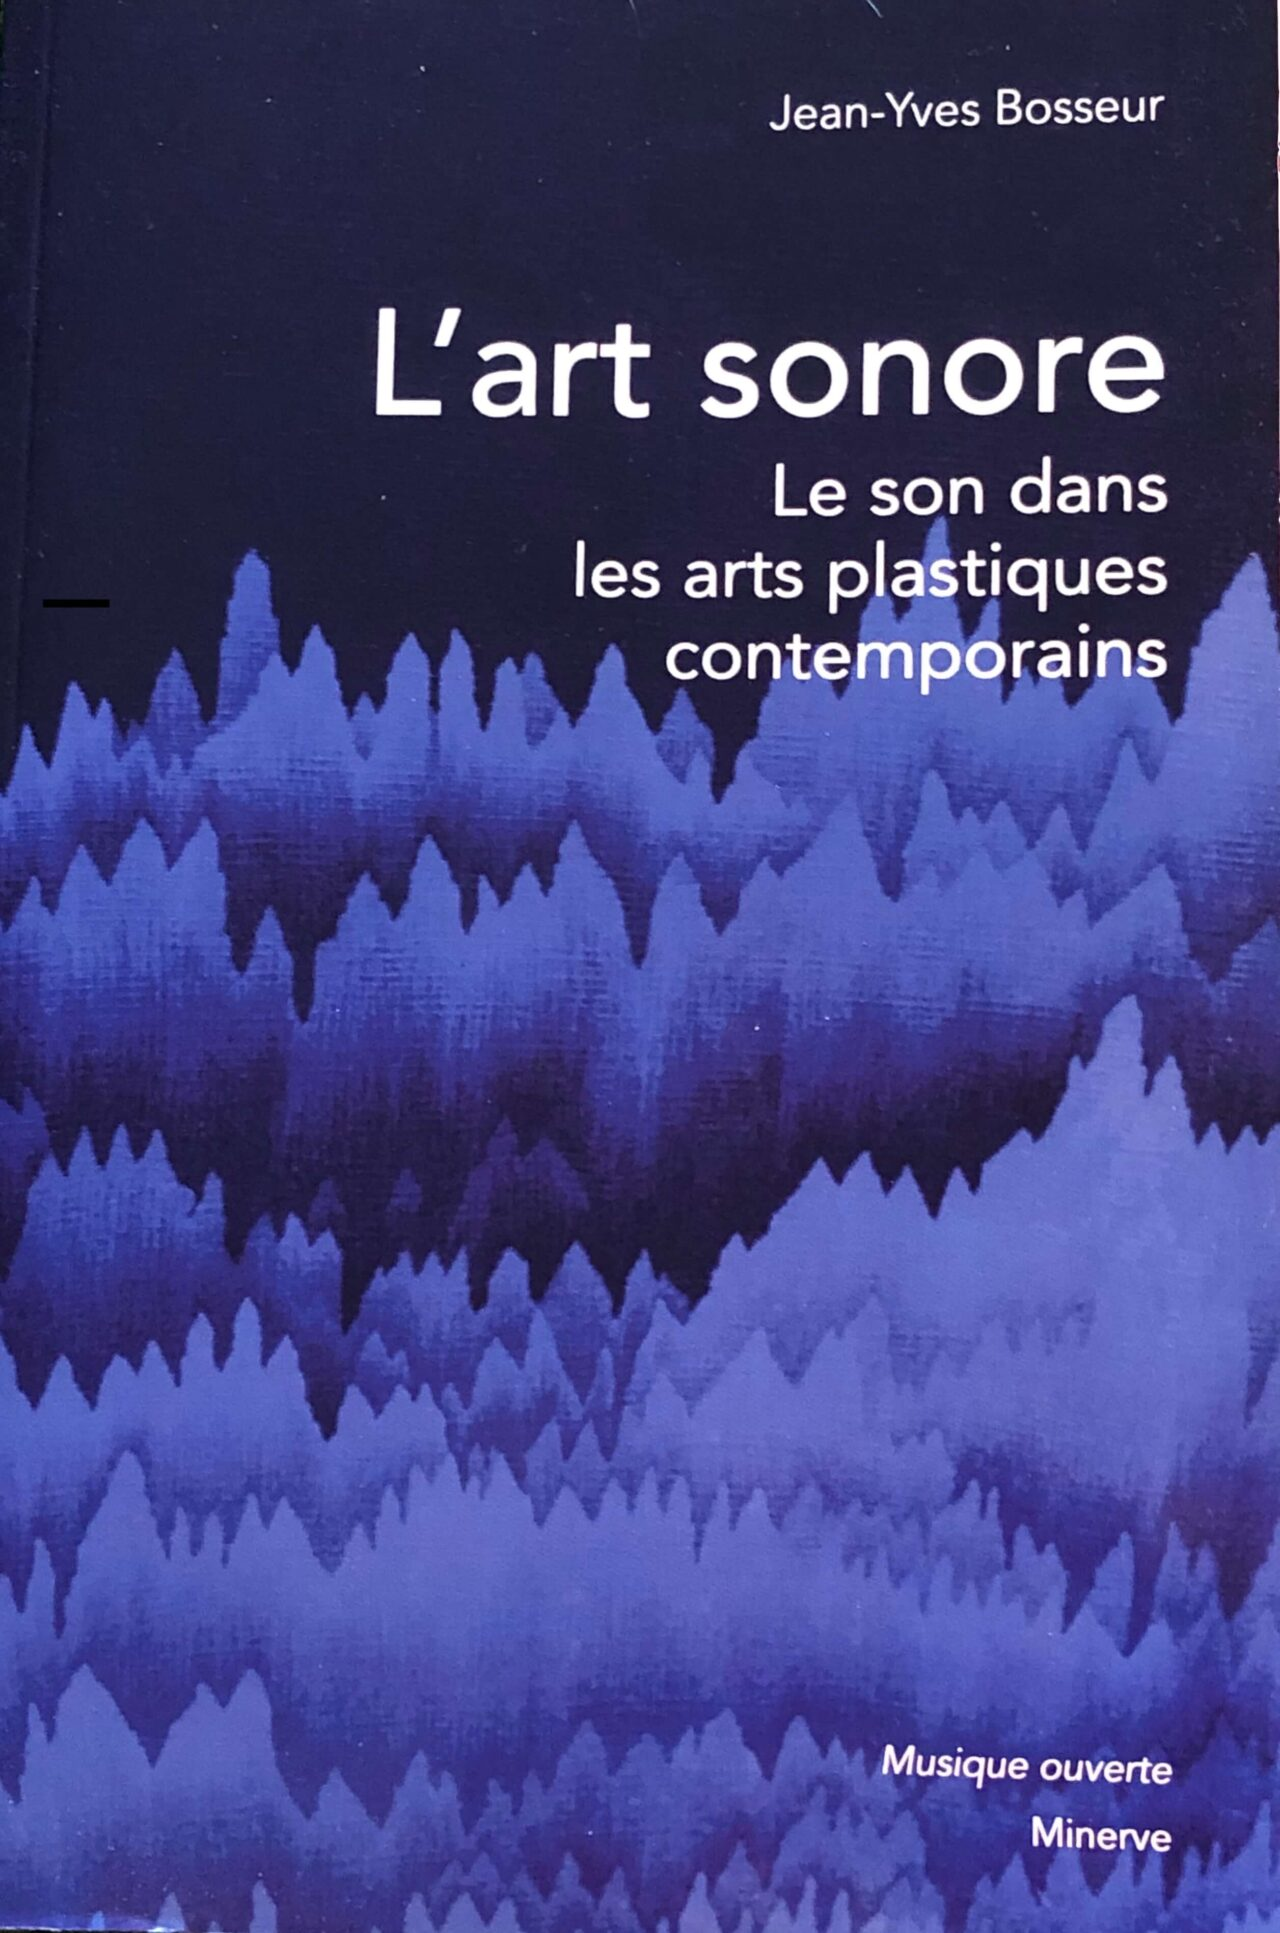 Couverture de livre avec graphisme bleu et noir de Cécile le Talec